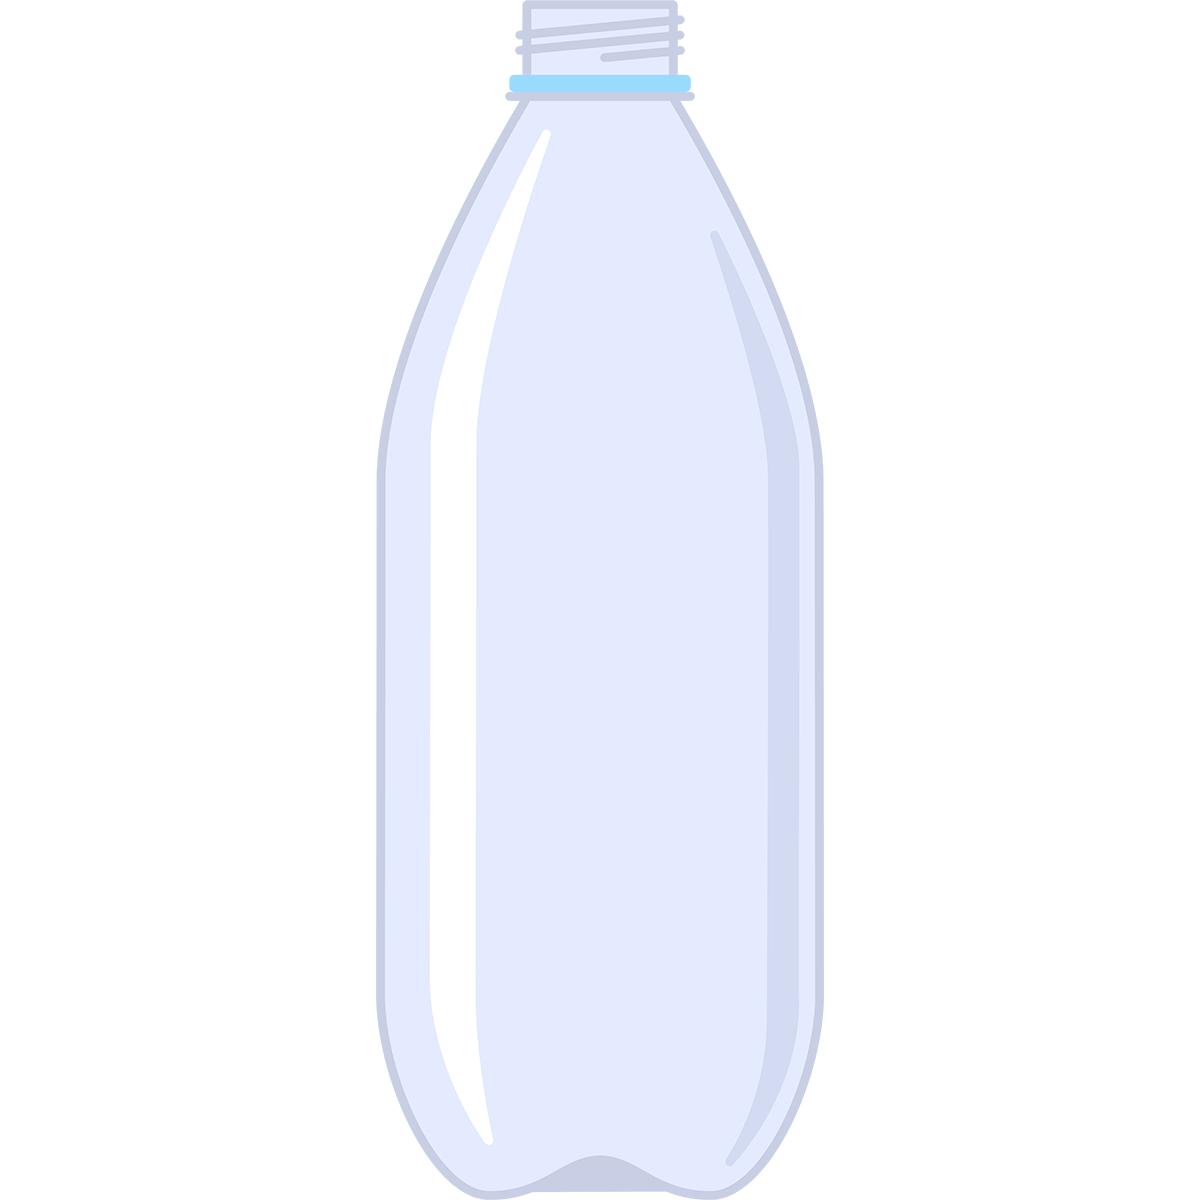 空のペットボトルの無料イラスト